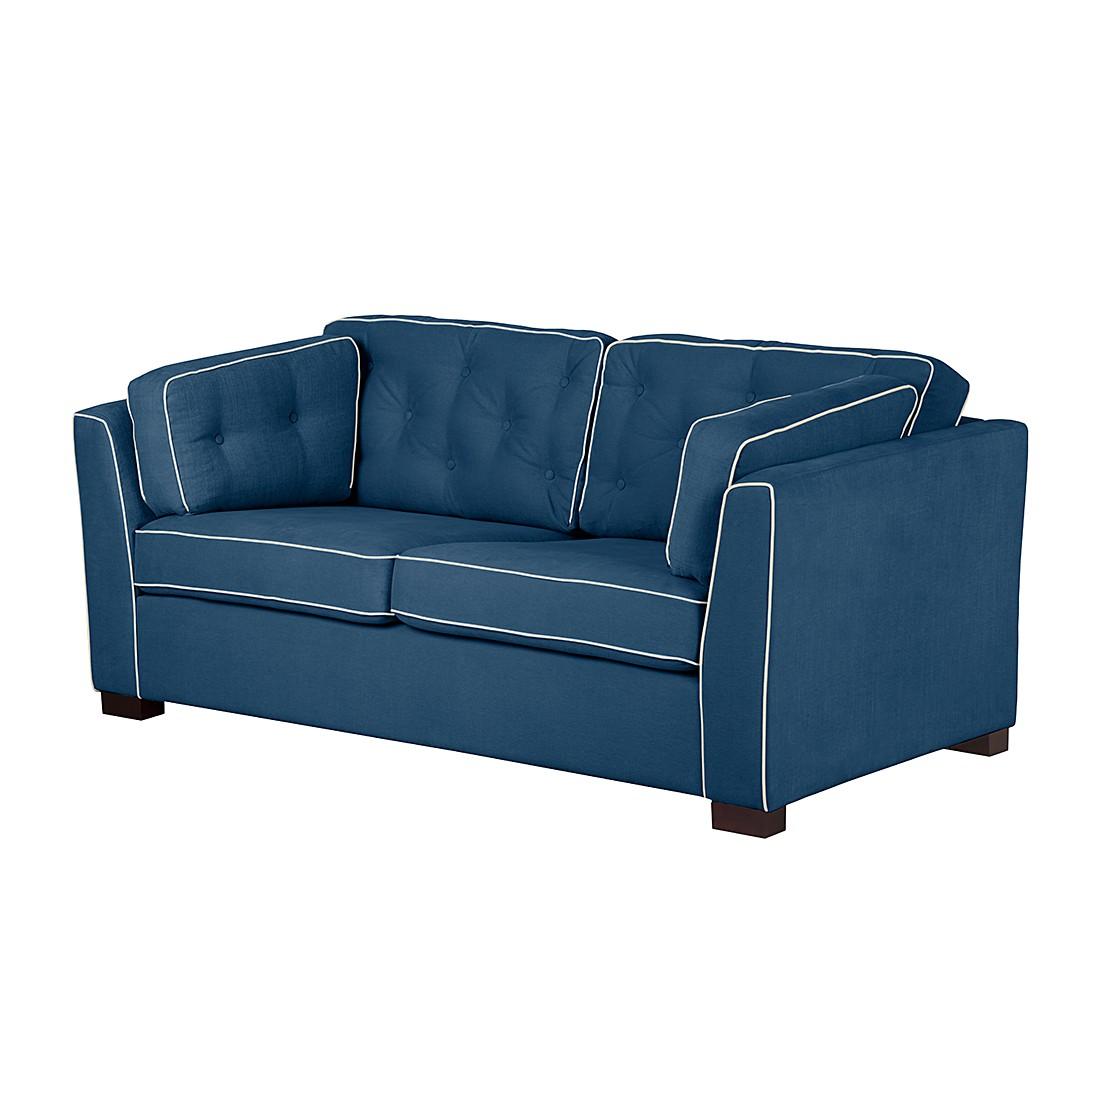 Gewaltig Couch Hellblau Foto Von